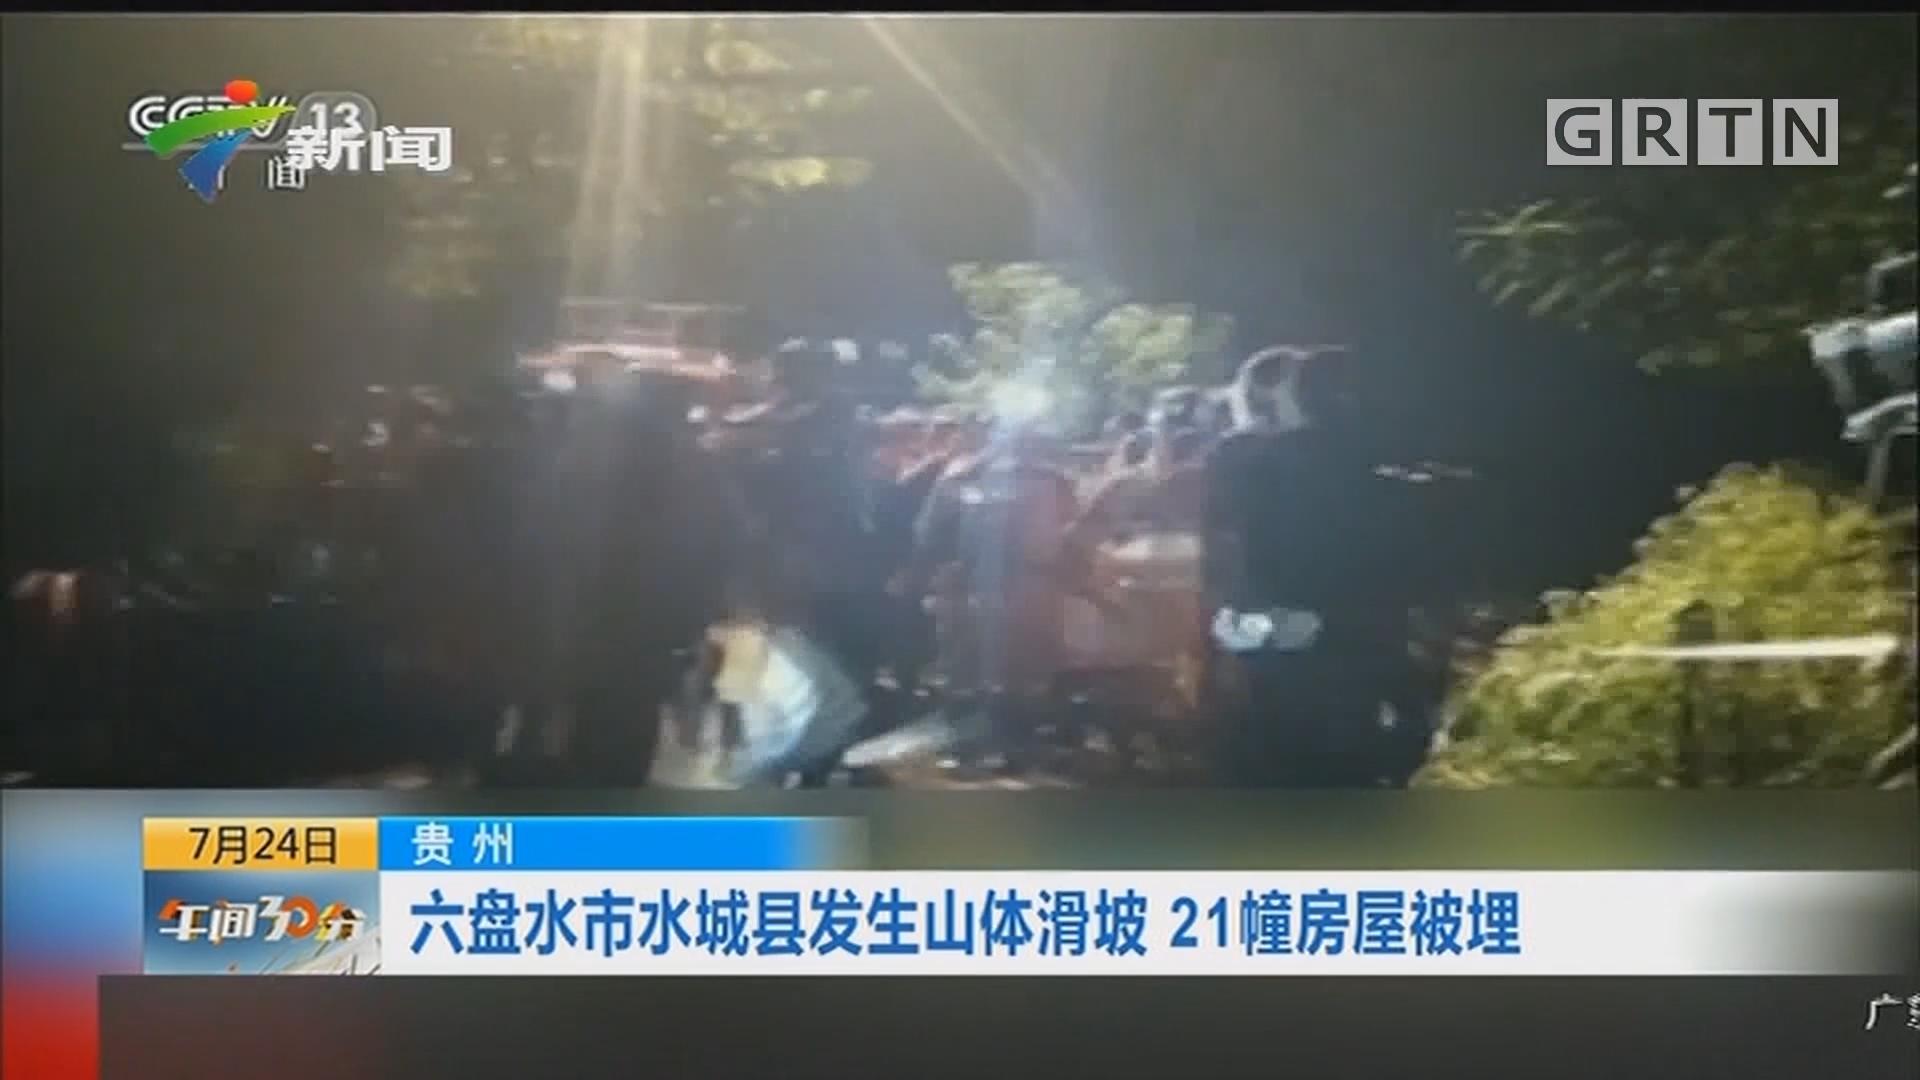 贵州:六盘水市水城县发生山体滑坡 21幢房屋被埋